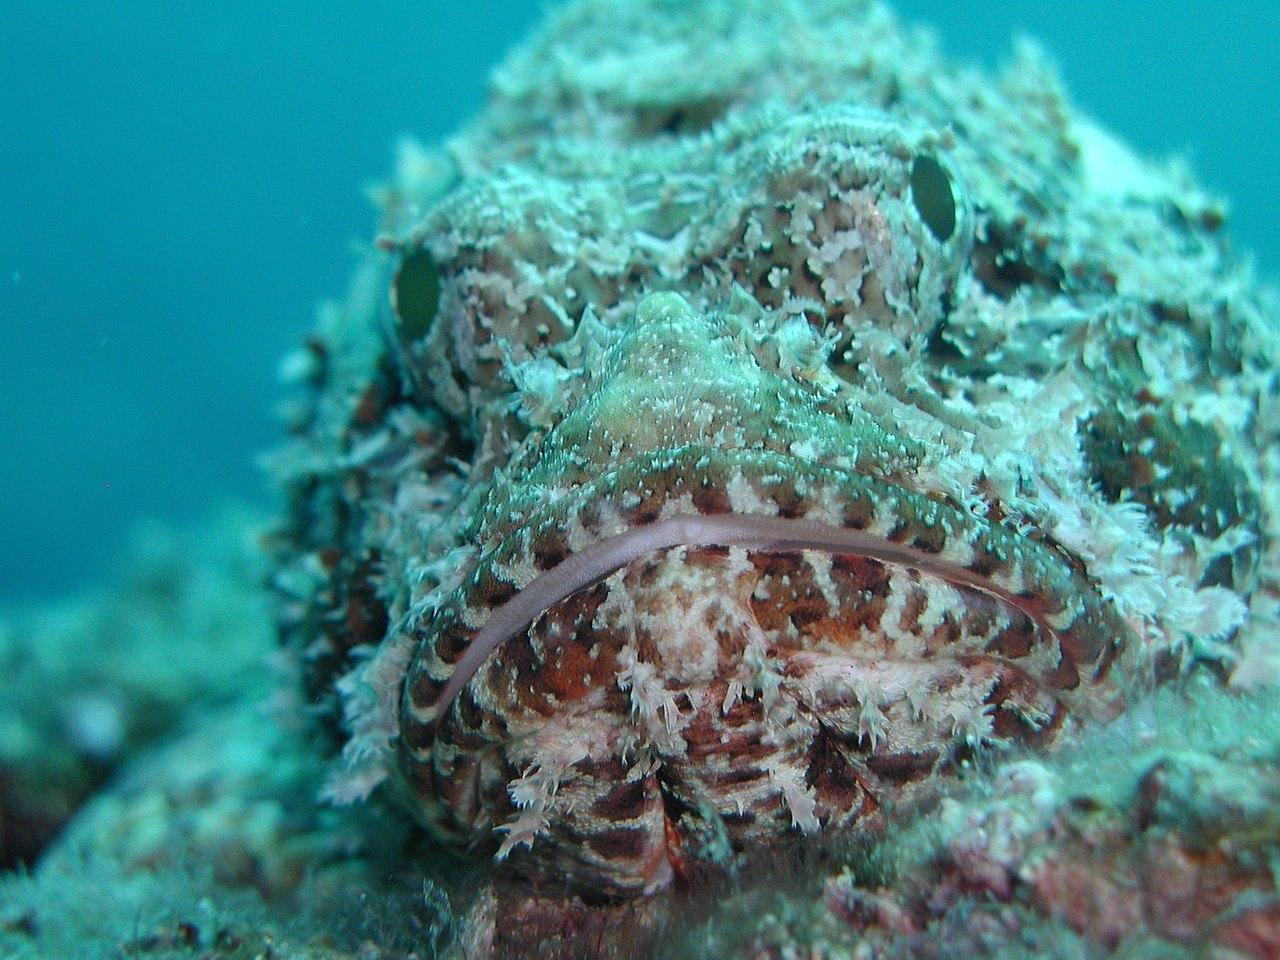 Ryba skopenokształtna mimikra